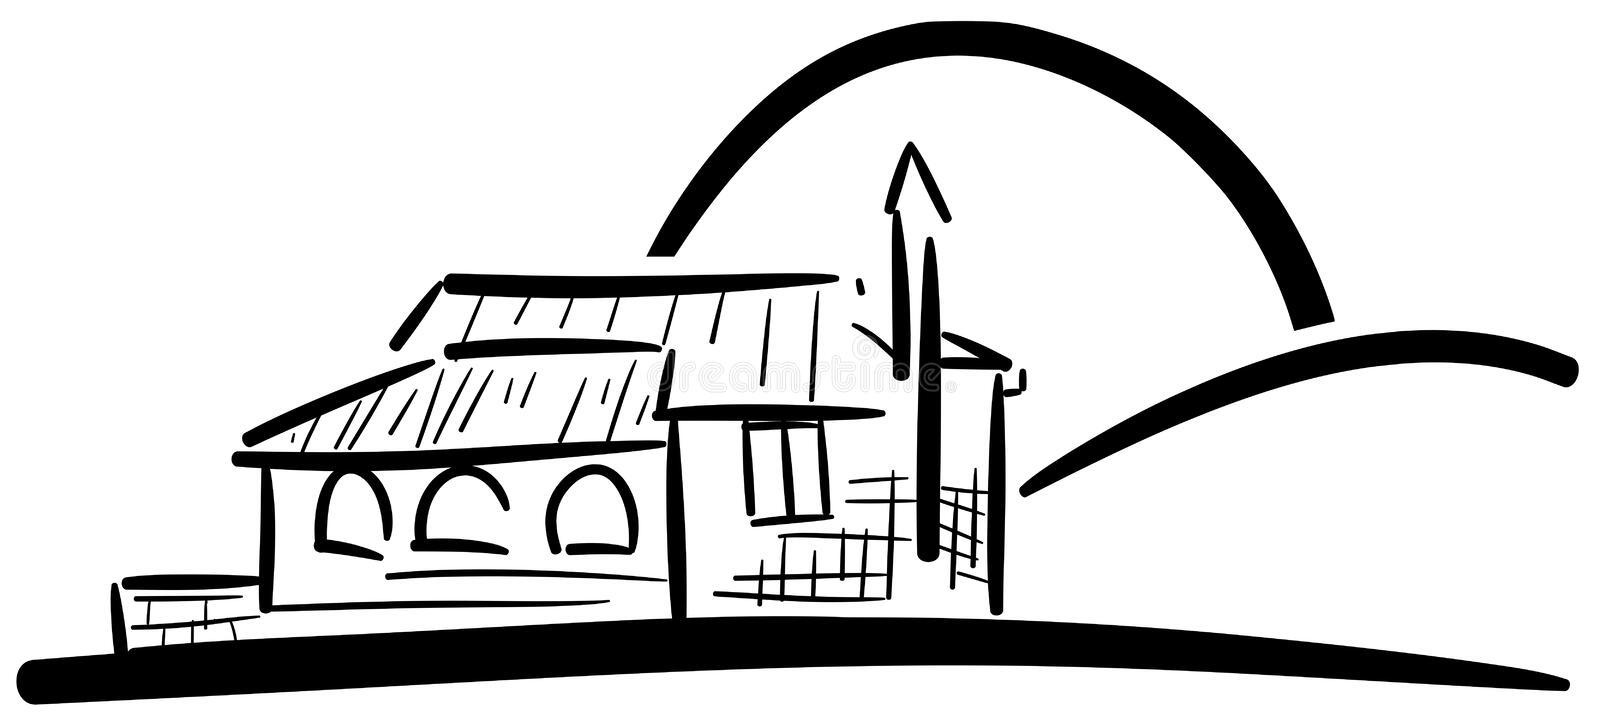 Parrocchia di Stresa. Dal 1° aprile è in vigore l'orario estivo della S. Messa feriale: alle ore 18.00 da lunedì a venerdì. Alle ore 17.30 recita del S. Rosario.